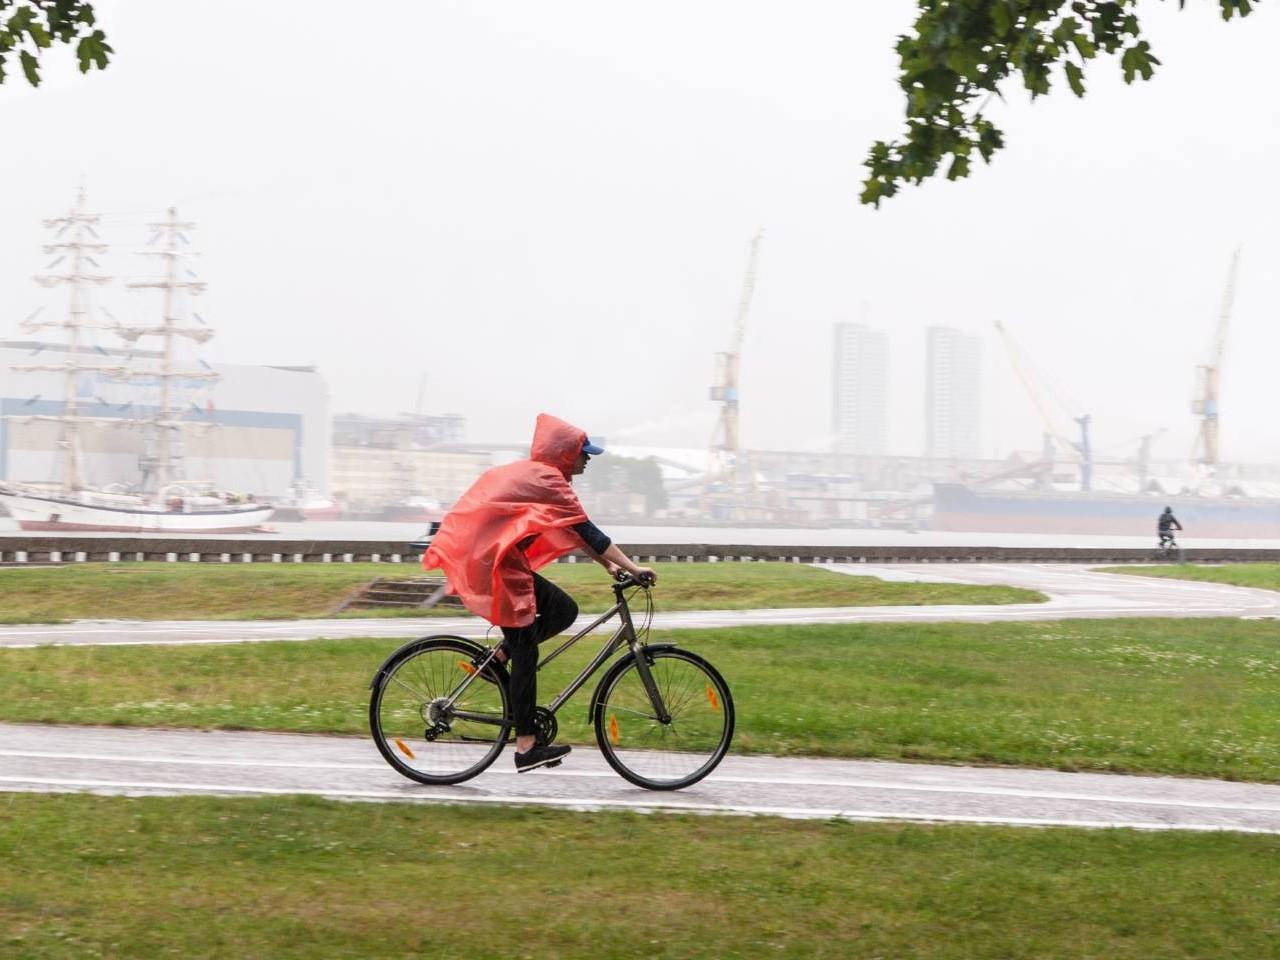 Fahrrad Regenbekleidung hält trocken und schützt vor Unterkühlung